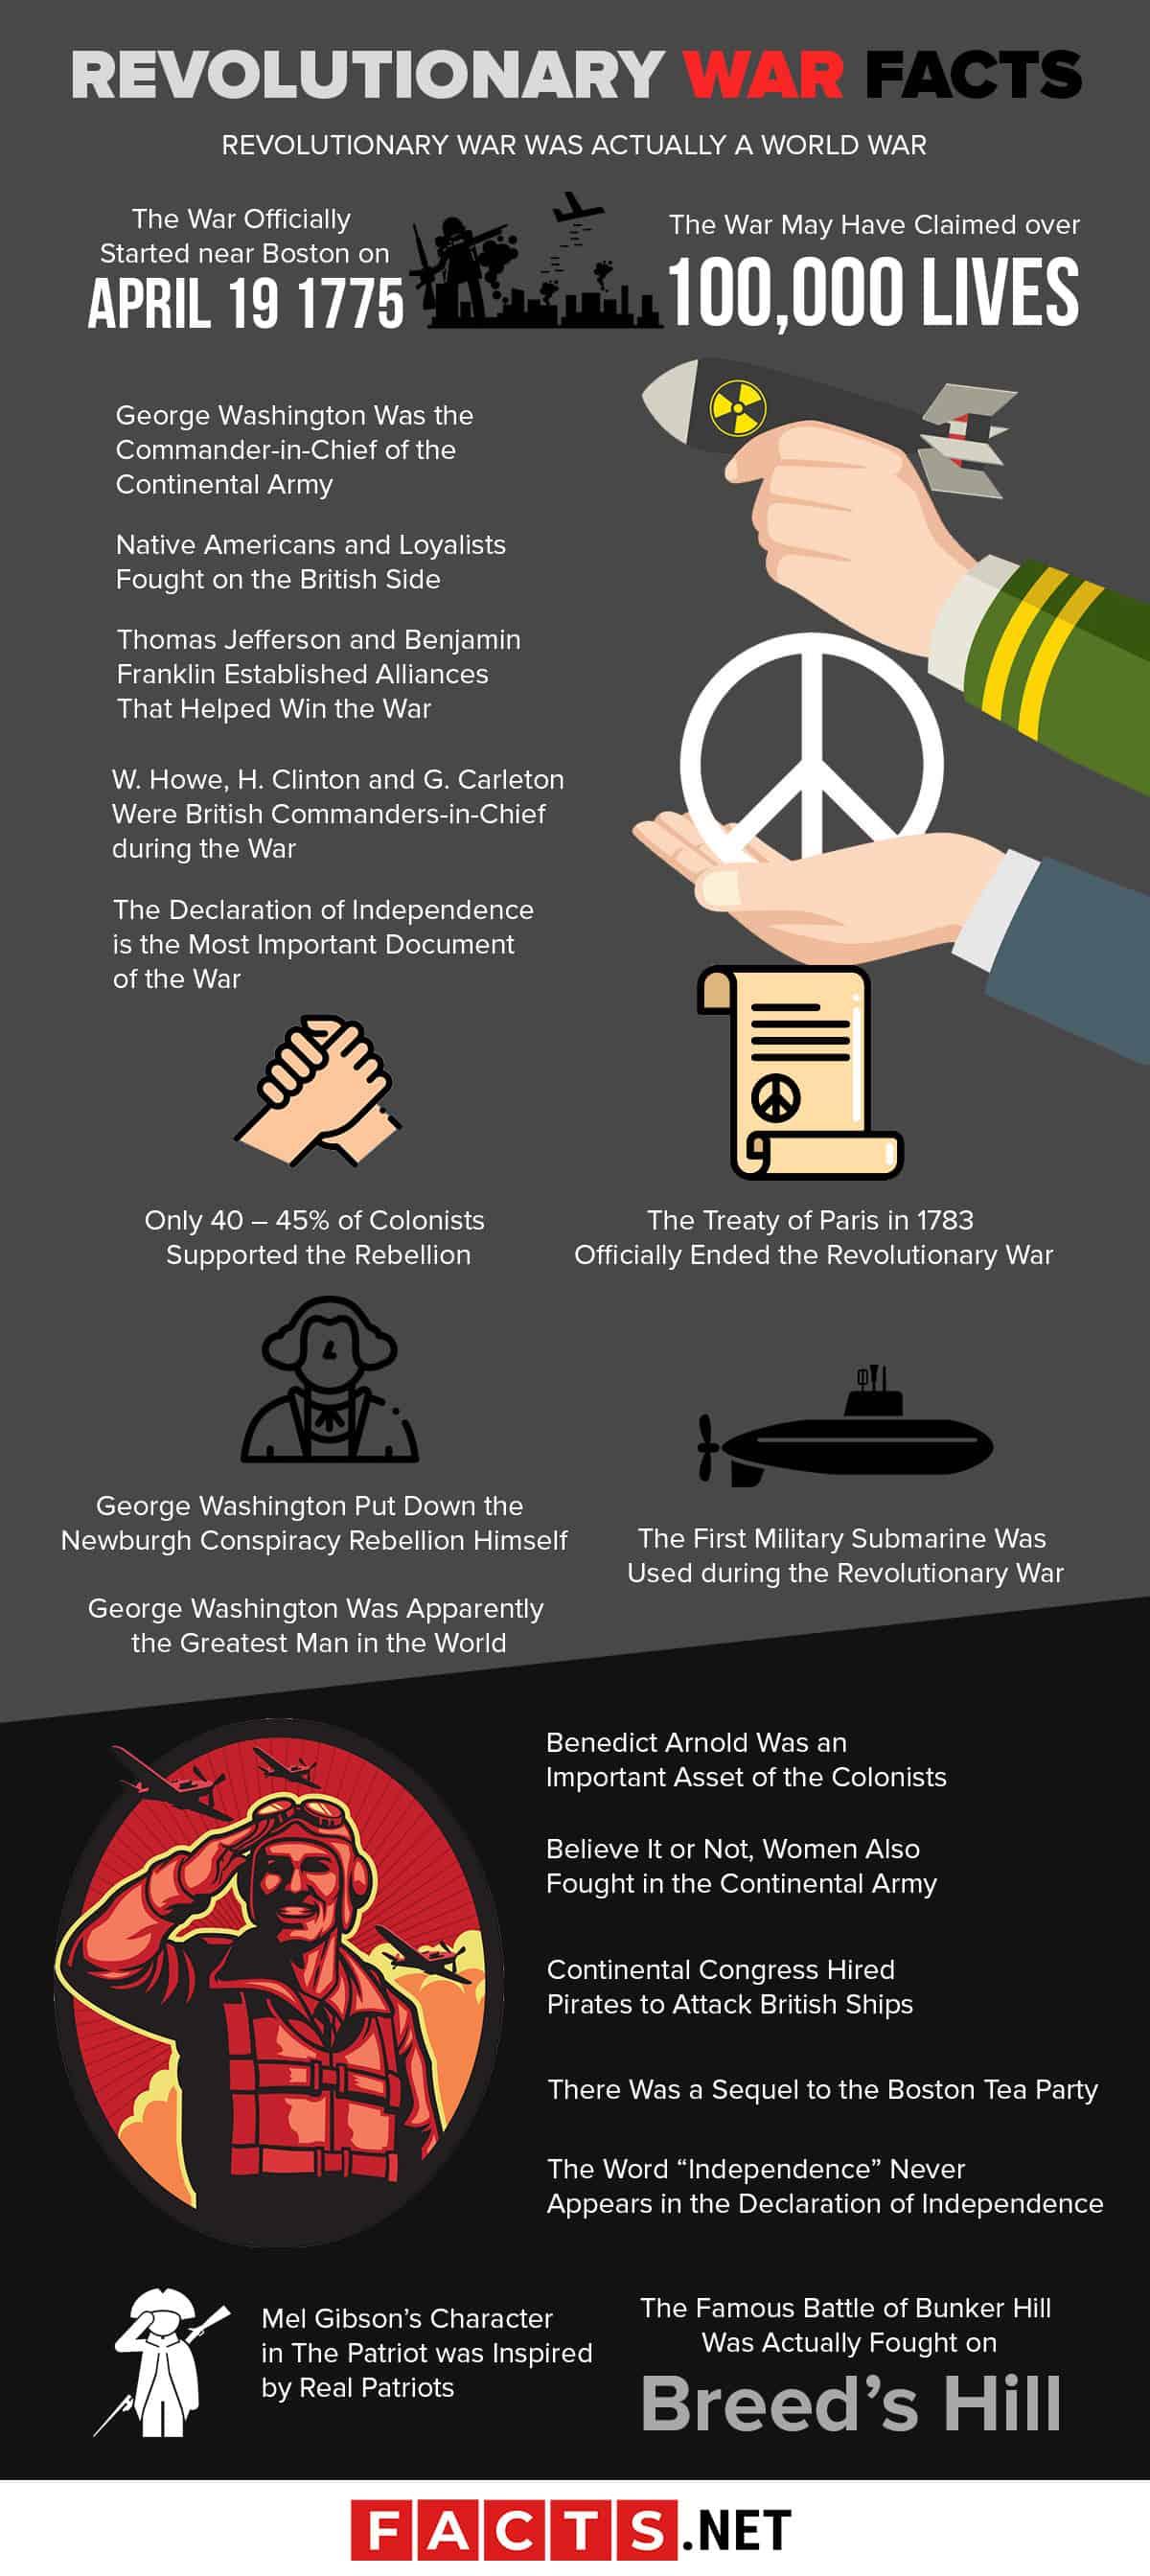 20 Revolutionary War Facts